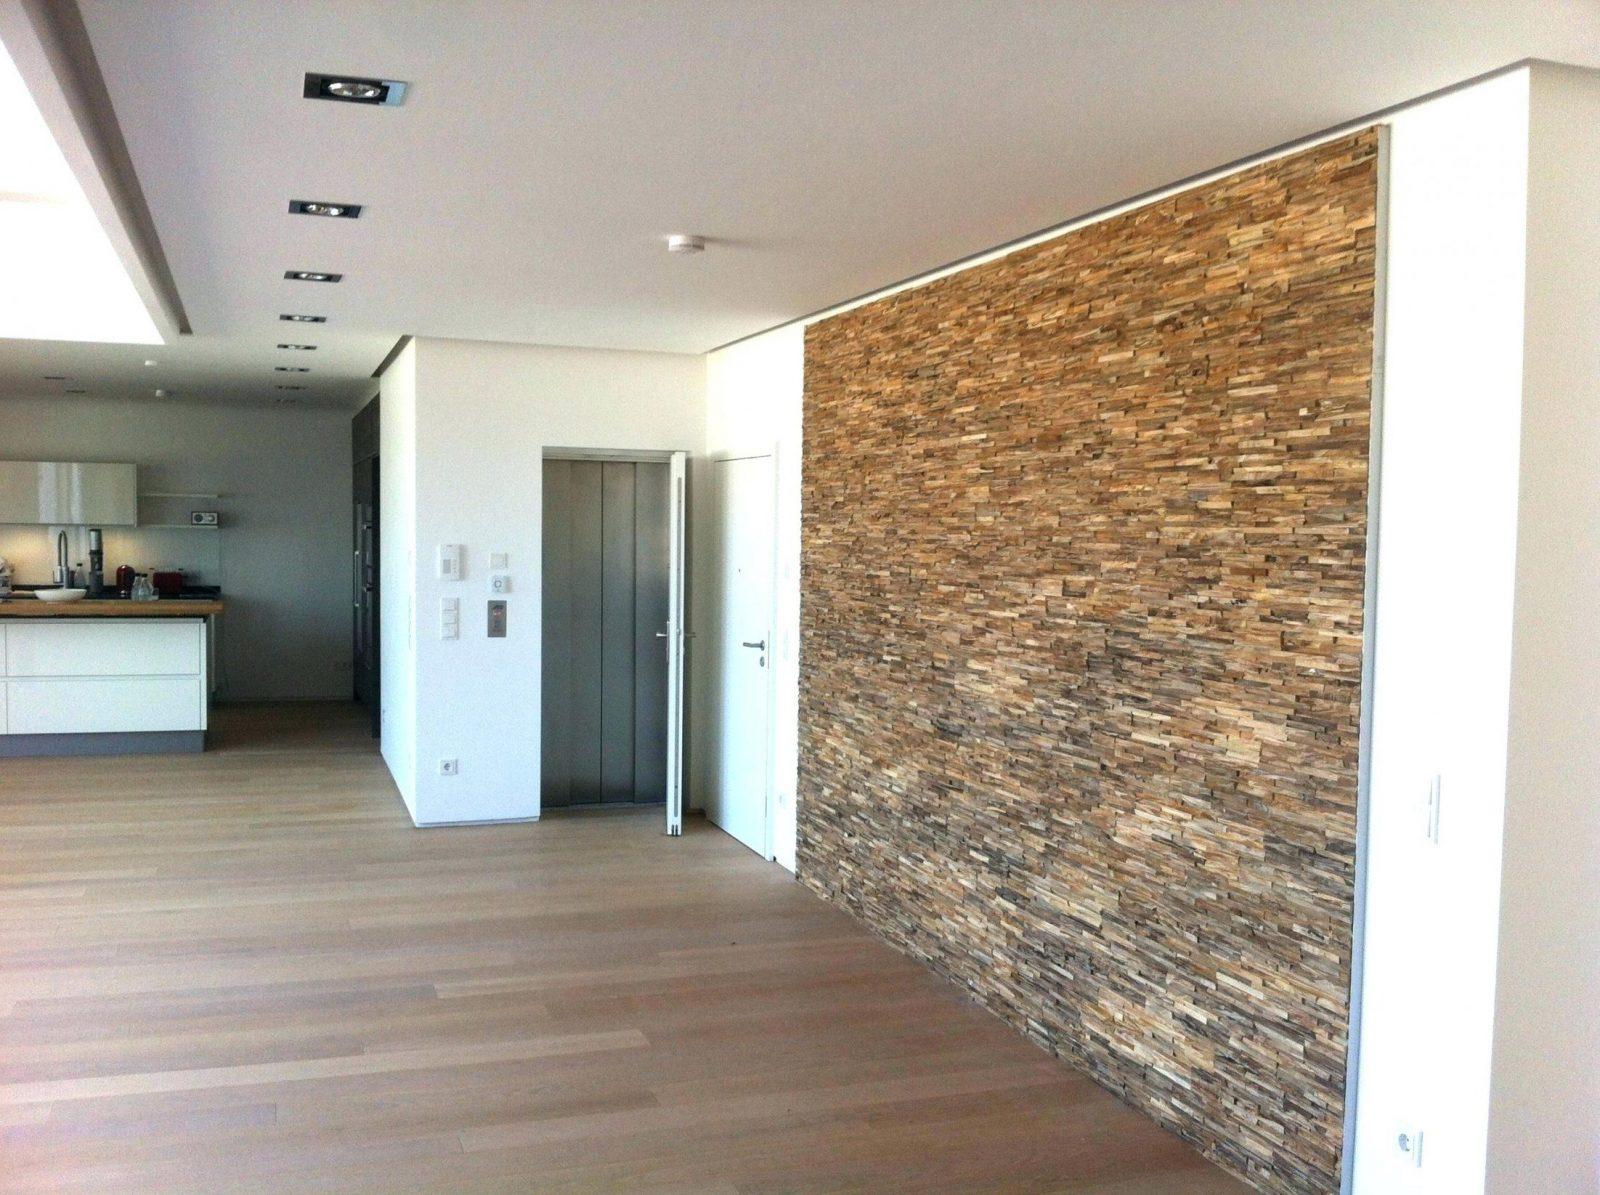 Wandverkleidung Holz Selber Bauen Schwarze Als Tv Wand Hier Sind Aus von Wandverkleidung Holz Selber Bauen Photo